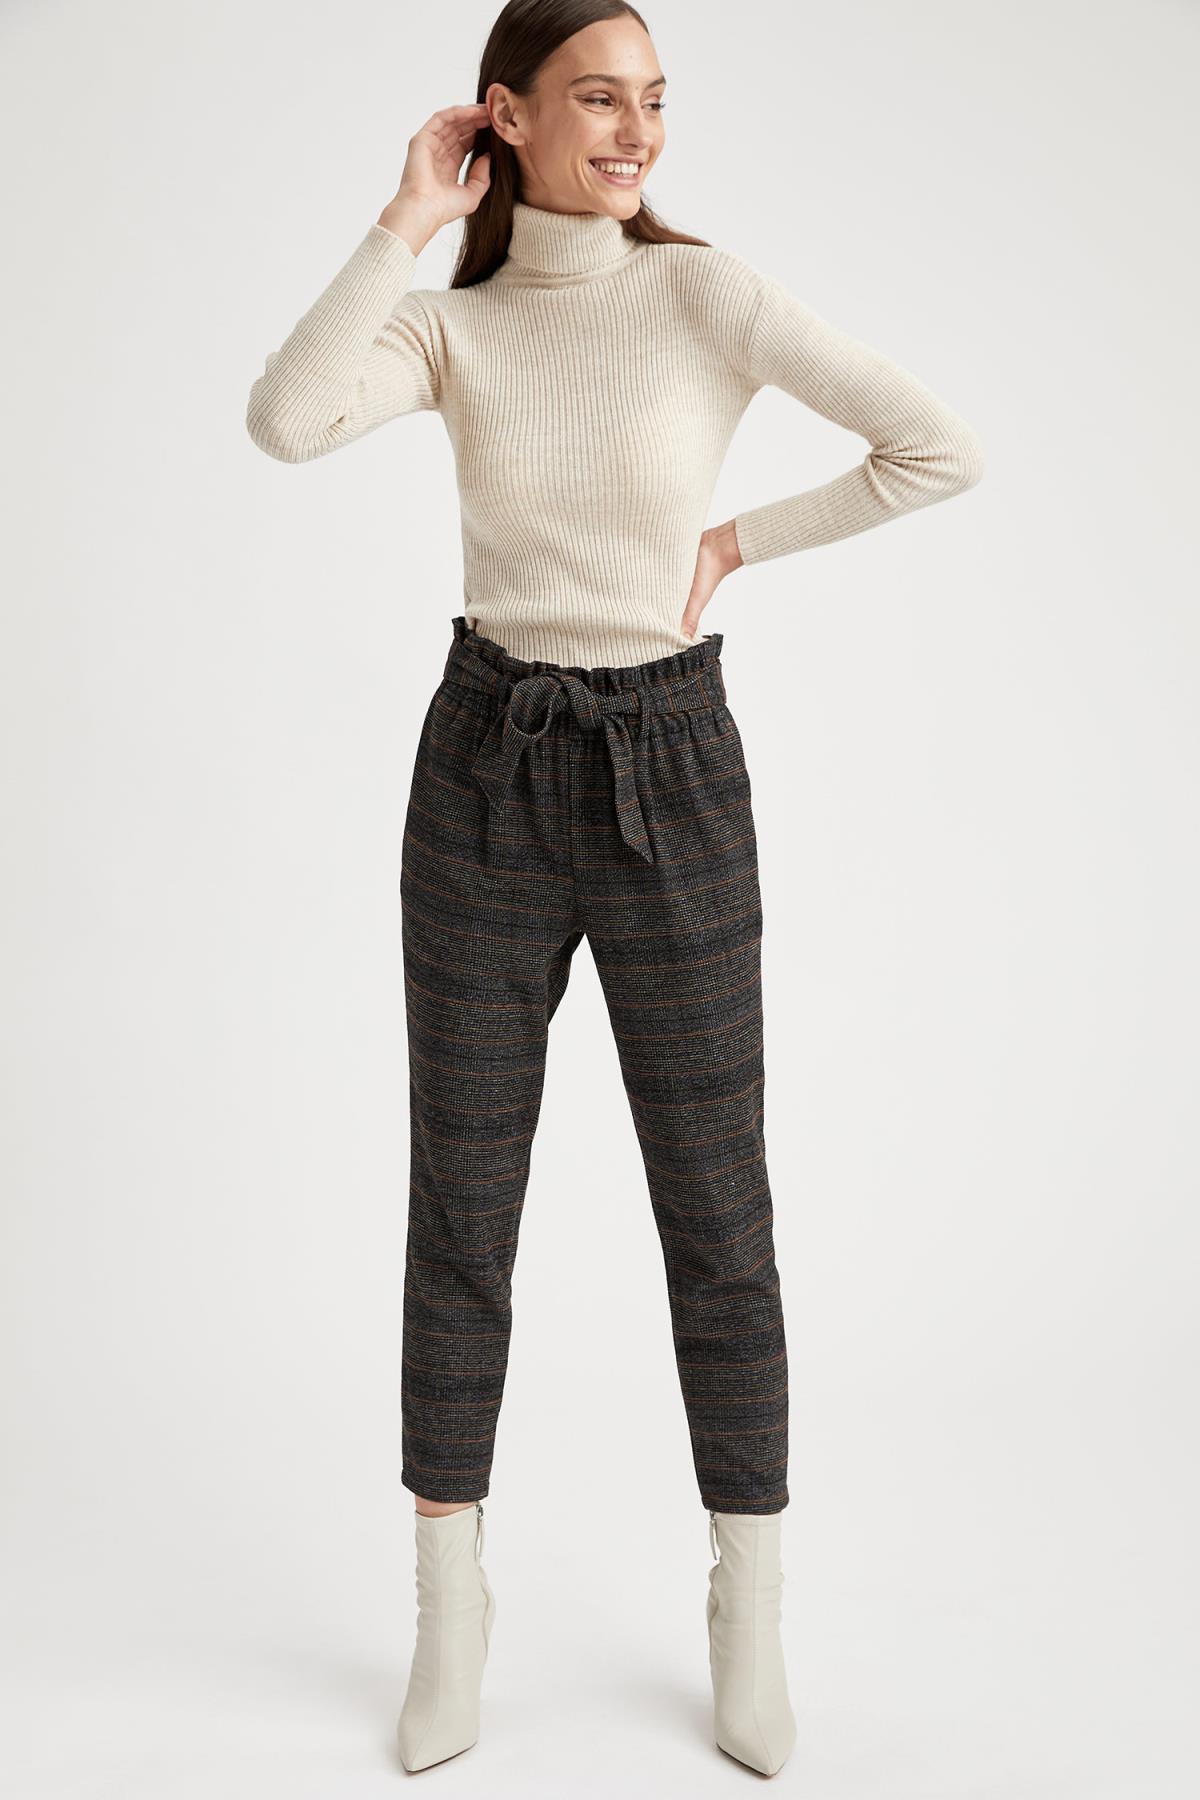 Winter Woman Calças de fundo Calças de Cenoura Tecido Forma Casual Moda Nova temporada